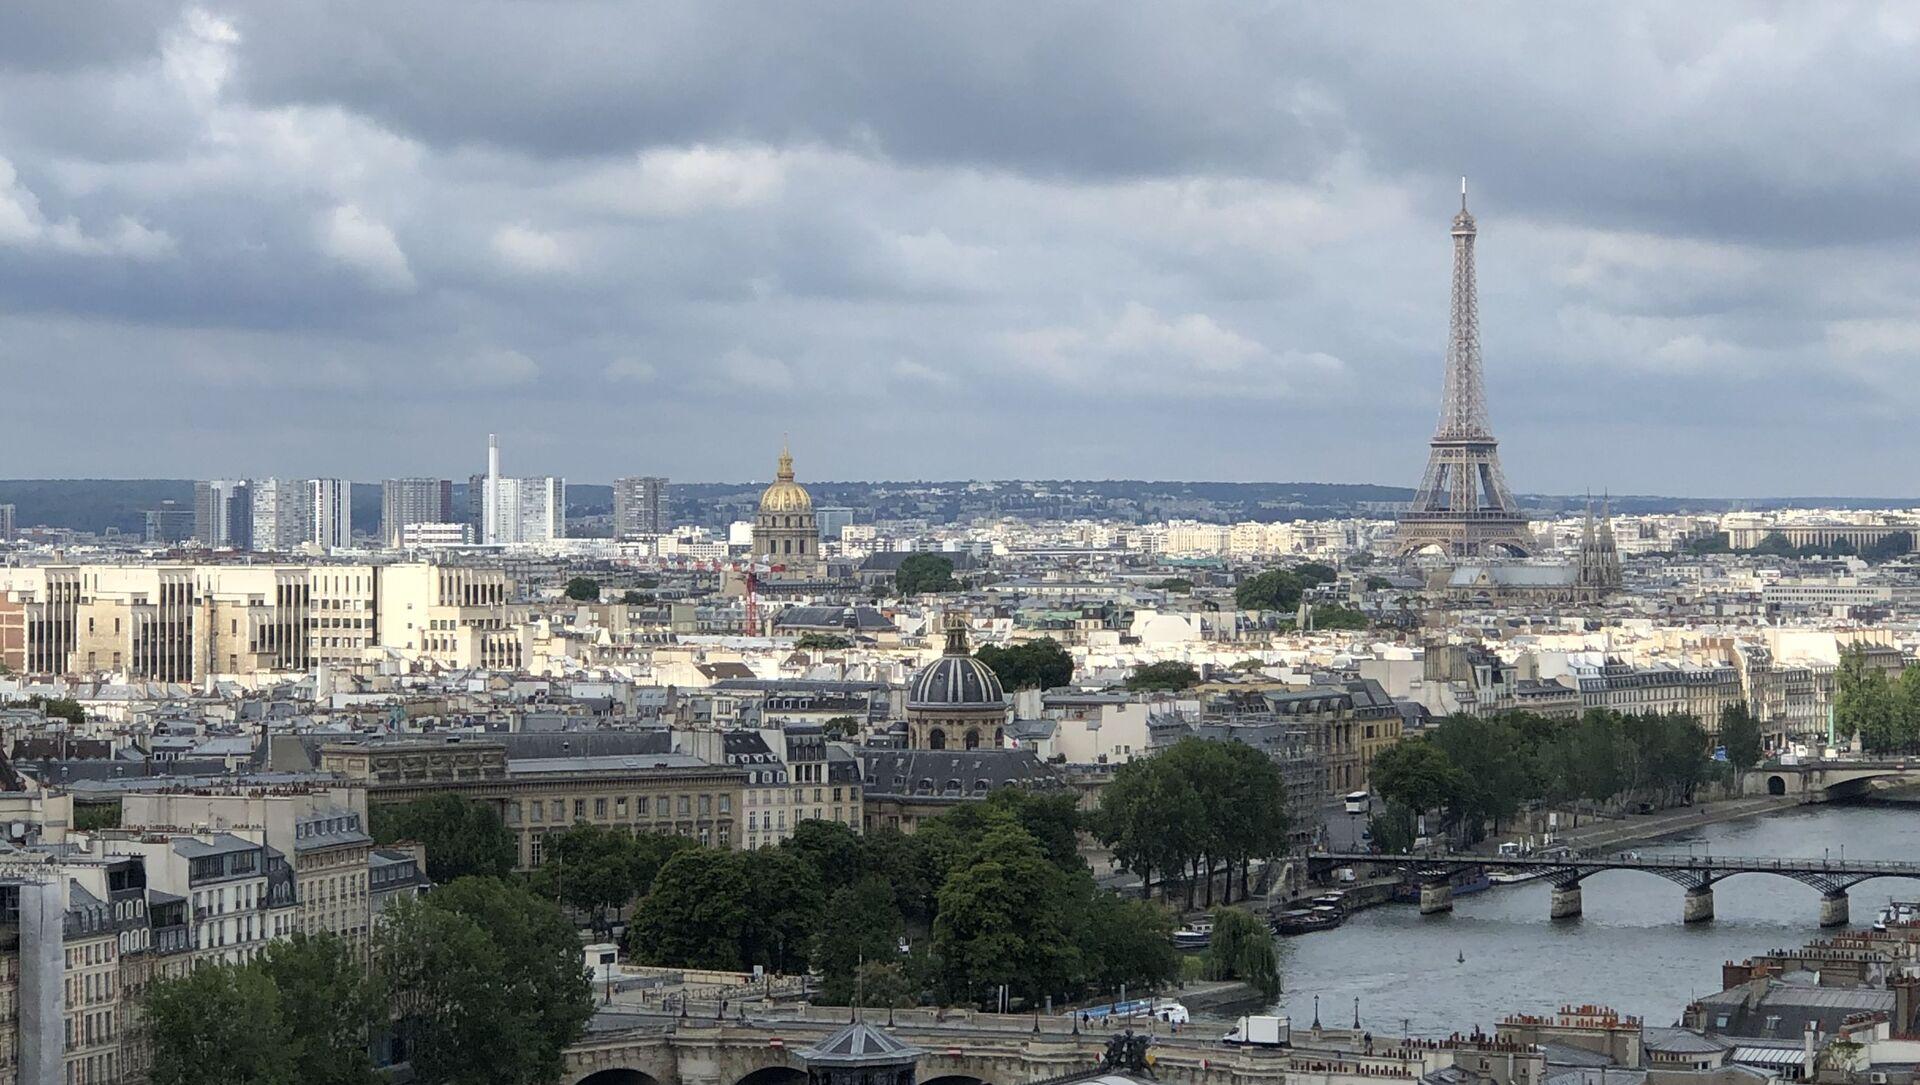 La tour Eiffel, vue aérienne de Paris - Sputnik France, 1920, 23.02.2021